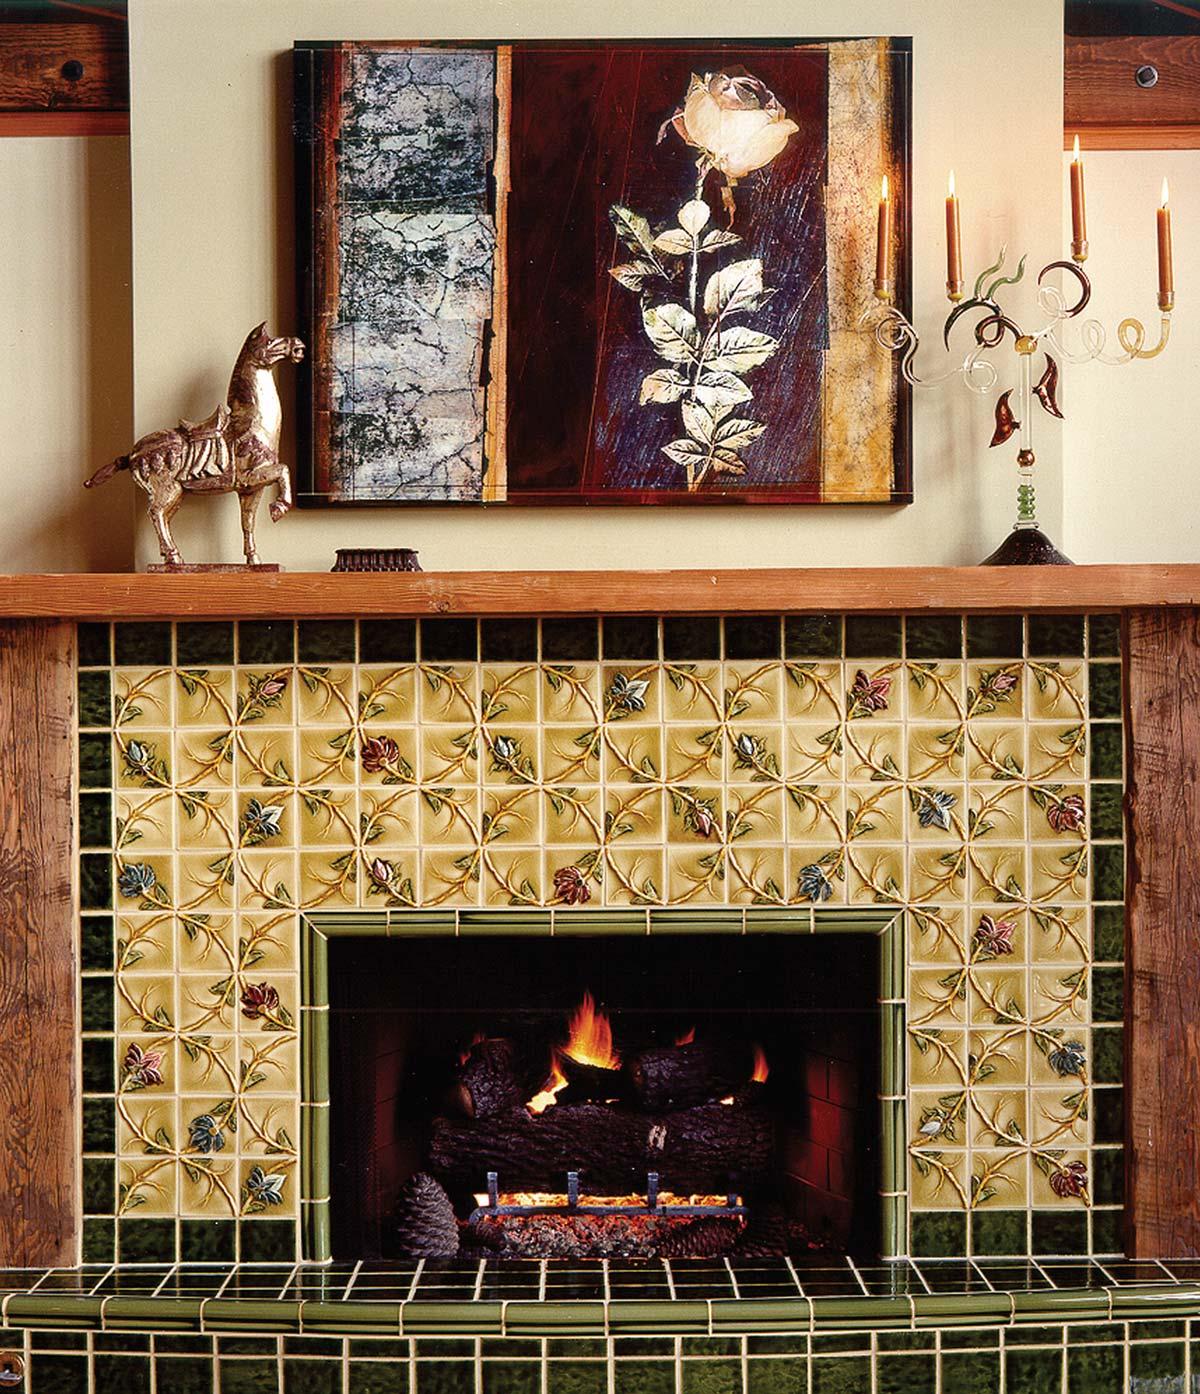 http://2.bp.blogspot.com/-0v872eHsbnA/TffJ-wR9BvI/AAAAAAAAAPE/49D_0jIr8W8/s1600/vineflr-fireplace.jpg